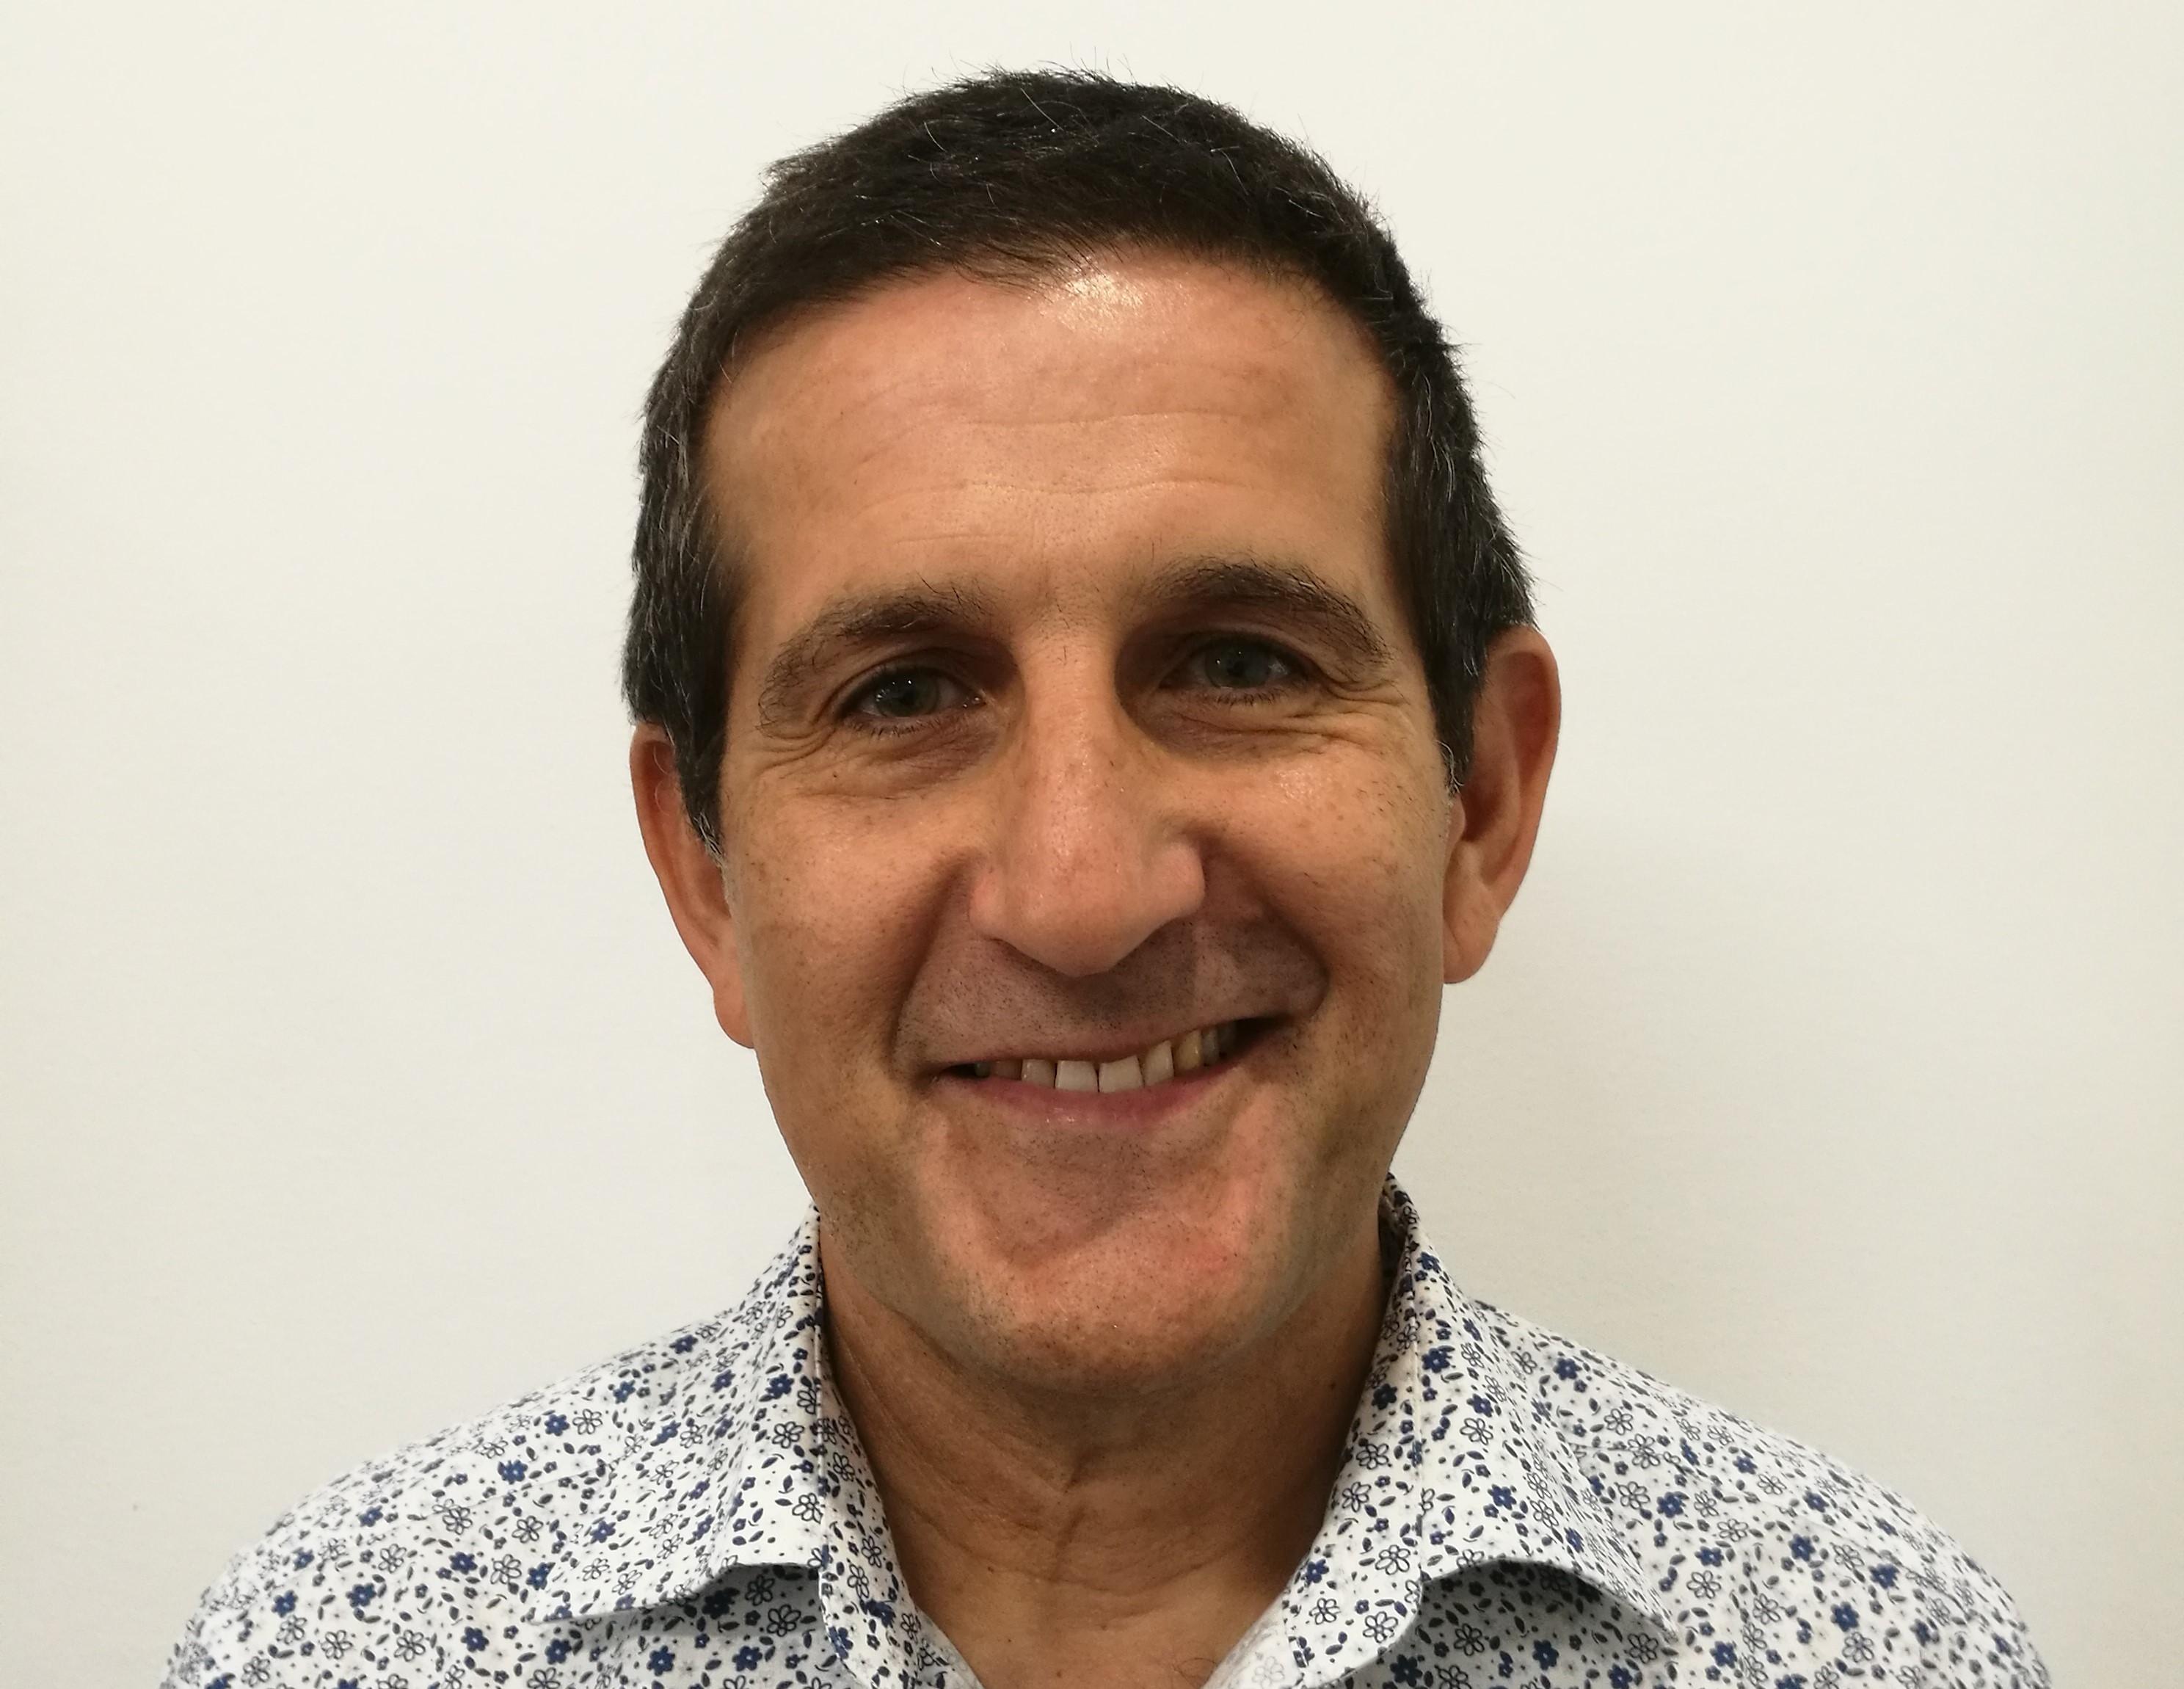 Dr Lynton Stephens